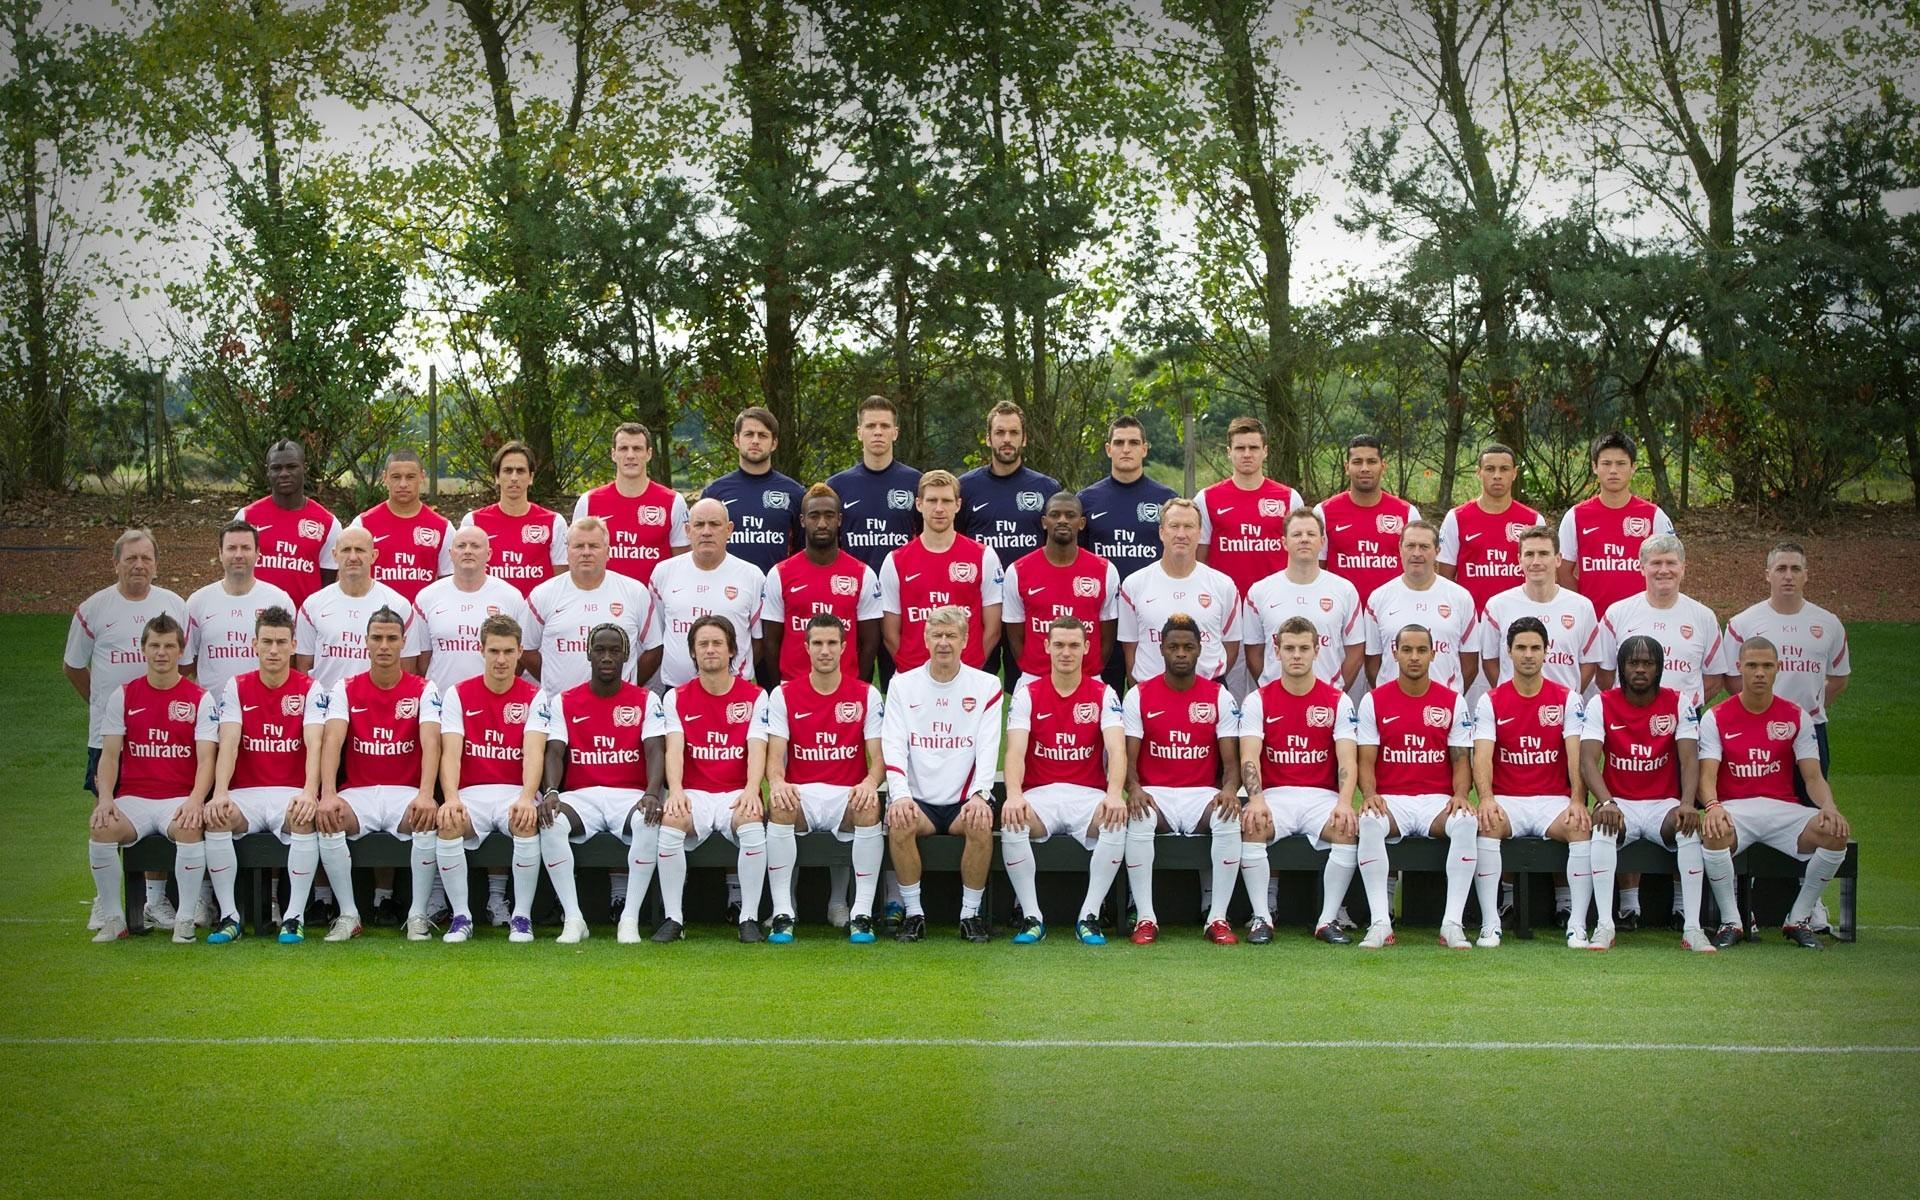 Футбольная команда арсенал лондон